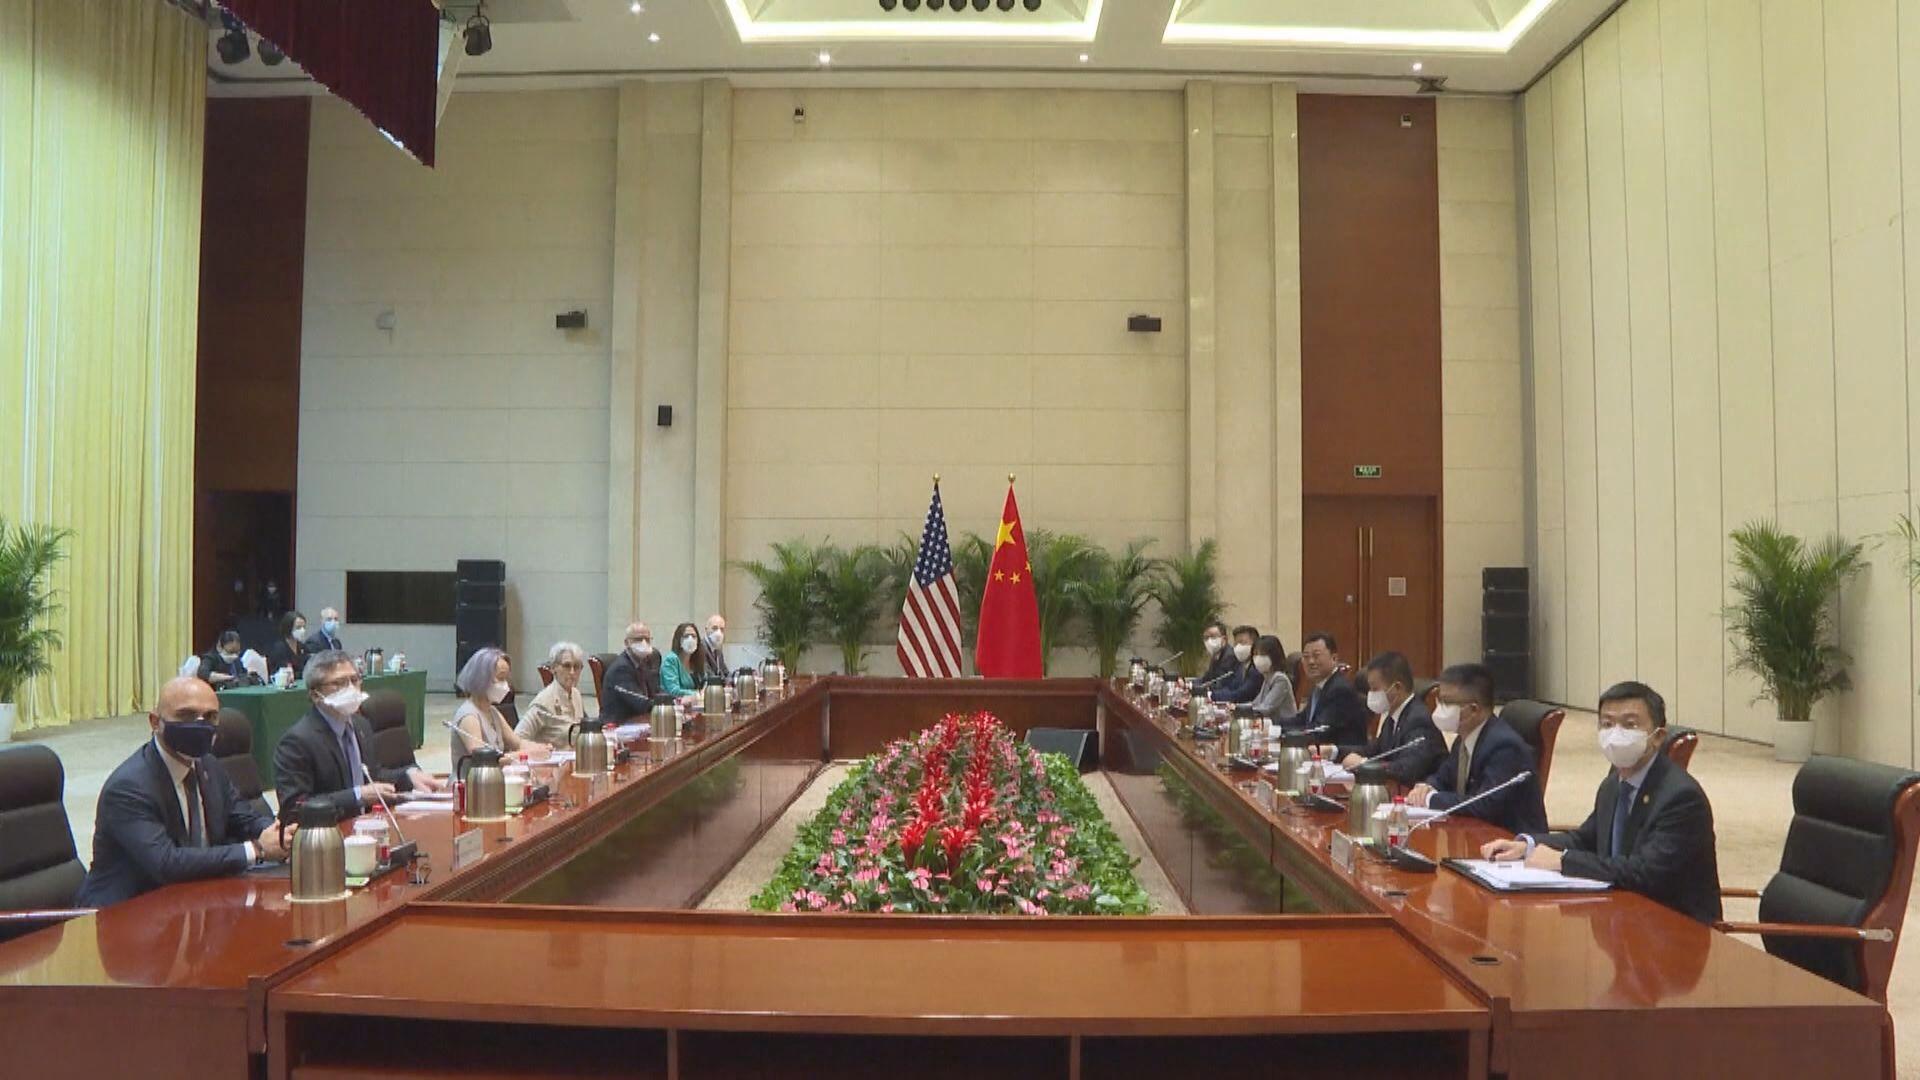 謝鋒:美國一些人將中國當做假想敵